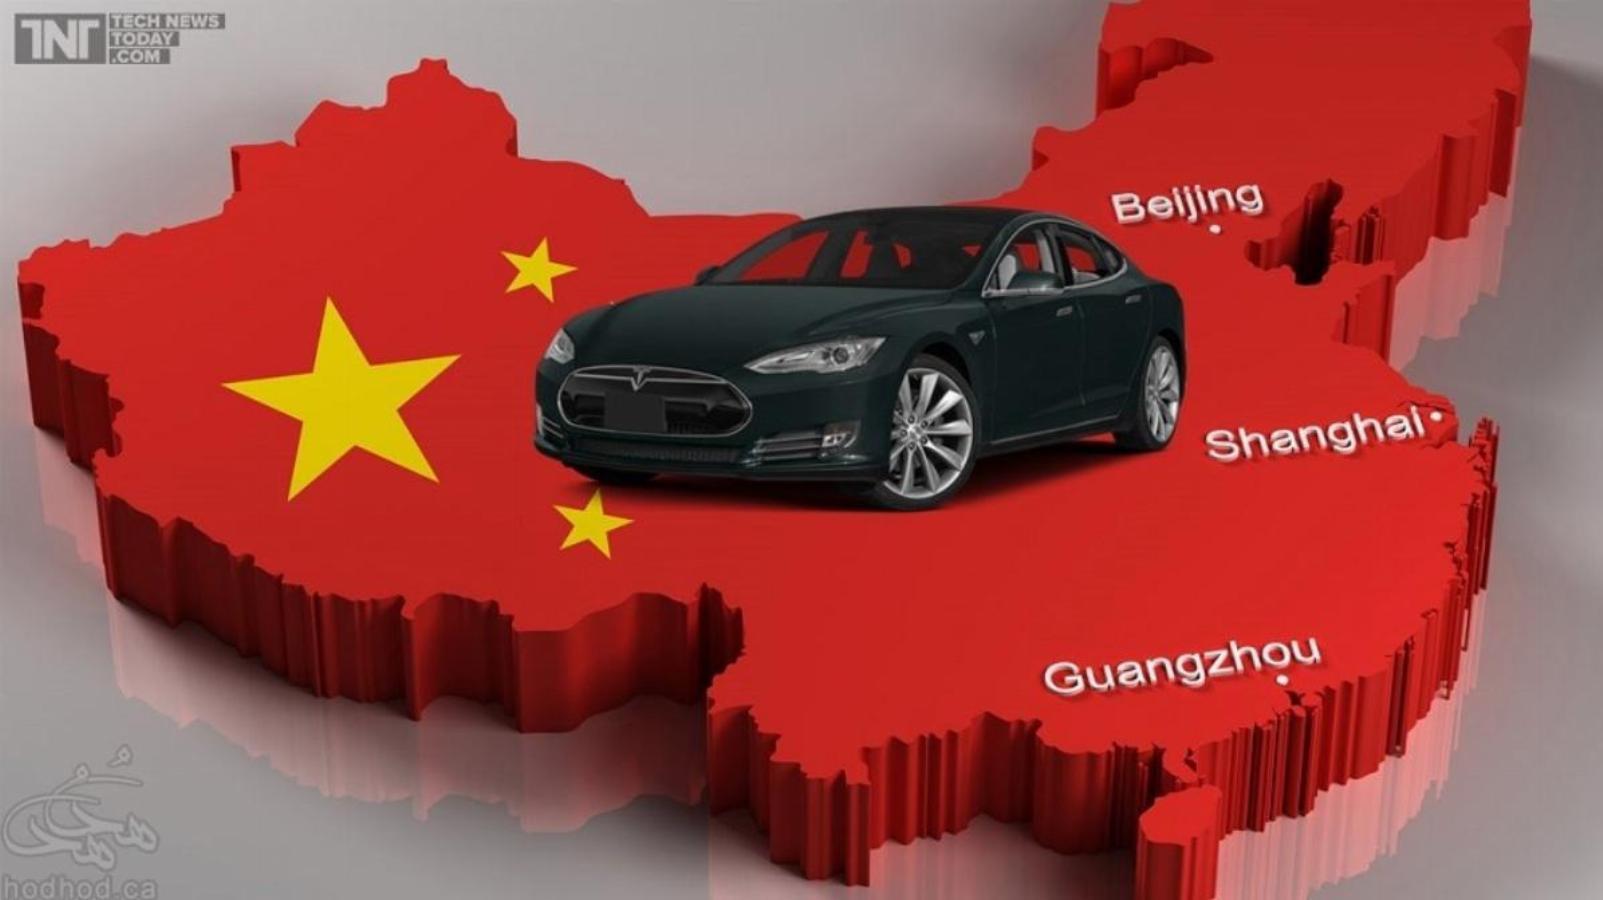 تسلا یک کارخانه به ارزش 9 میلیارد دلار در چین احداث میکند